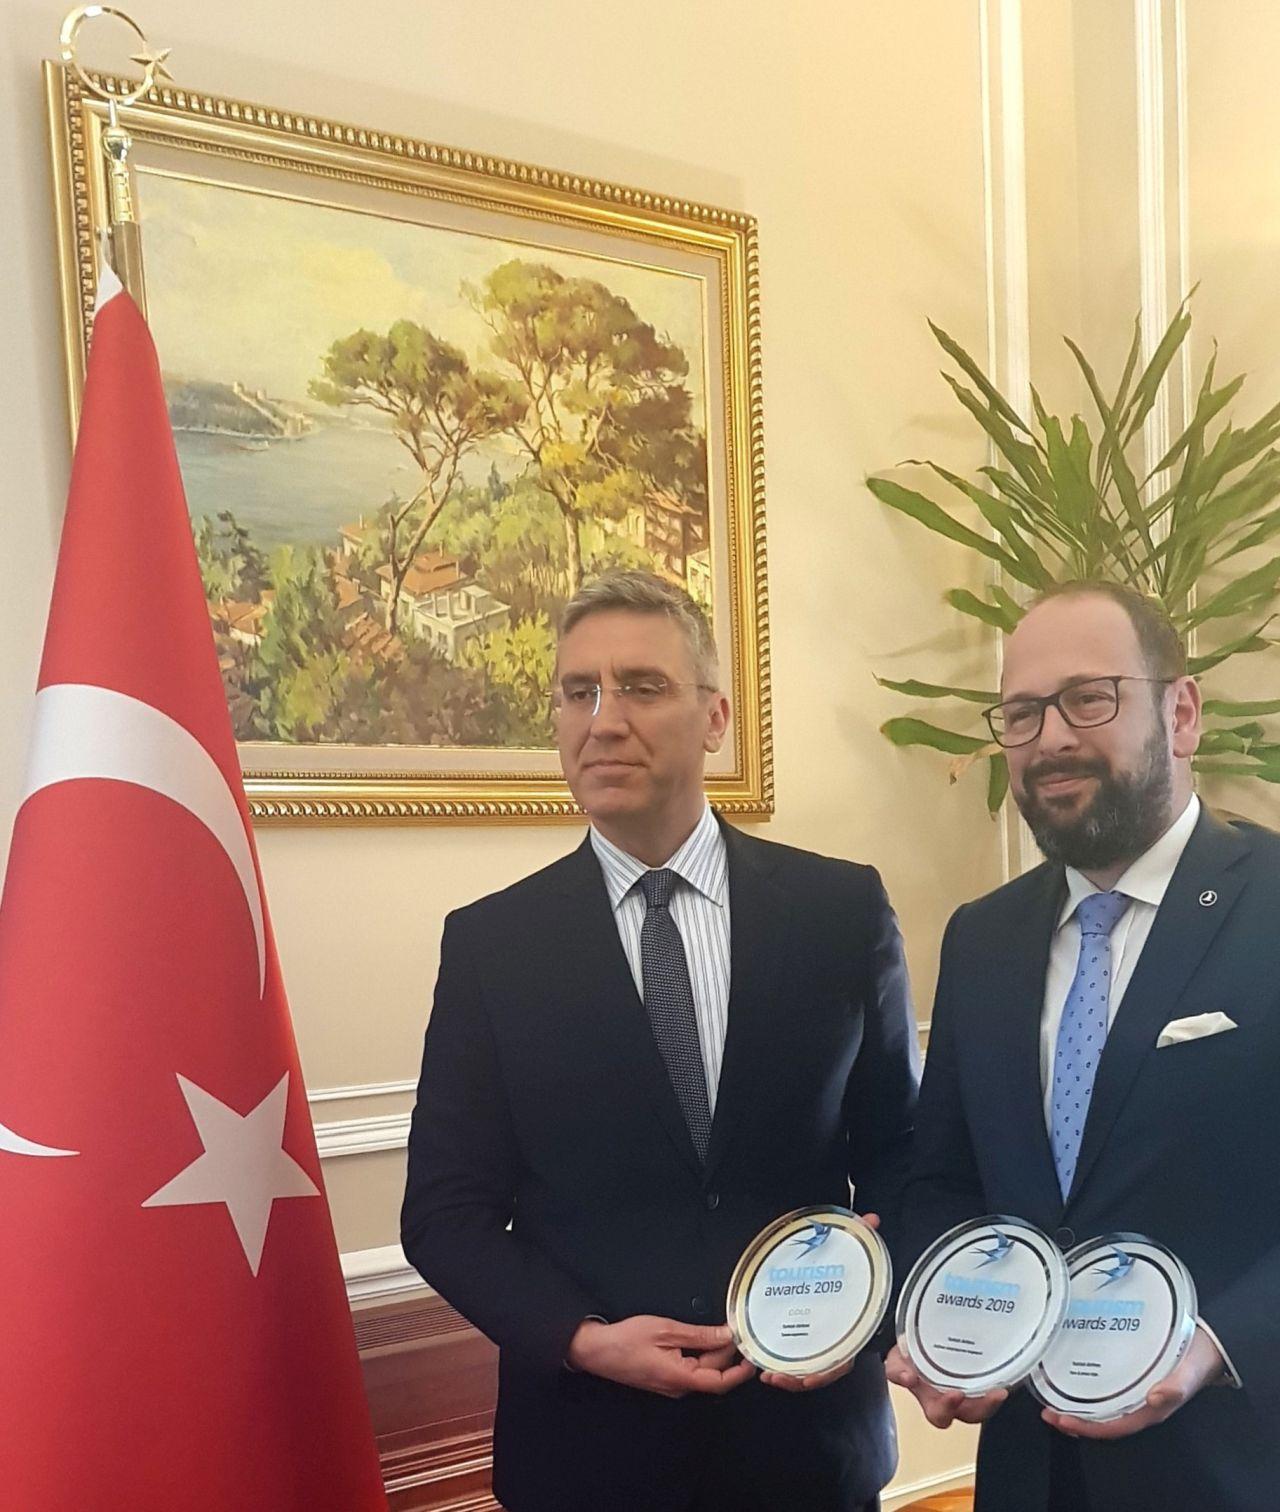 Ο Πρέσβης της Τουρκίας στην Ελλάδα, κ. Burak Özügergin μαζί με τον κ. Alp Yavuzeser, General Manager της Turkish Airlines στην Ελλάδα.